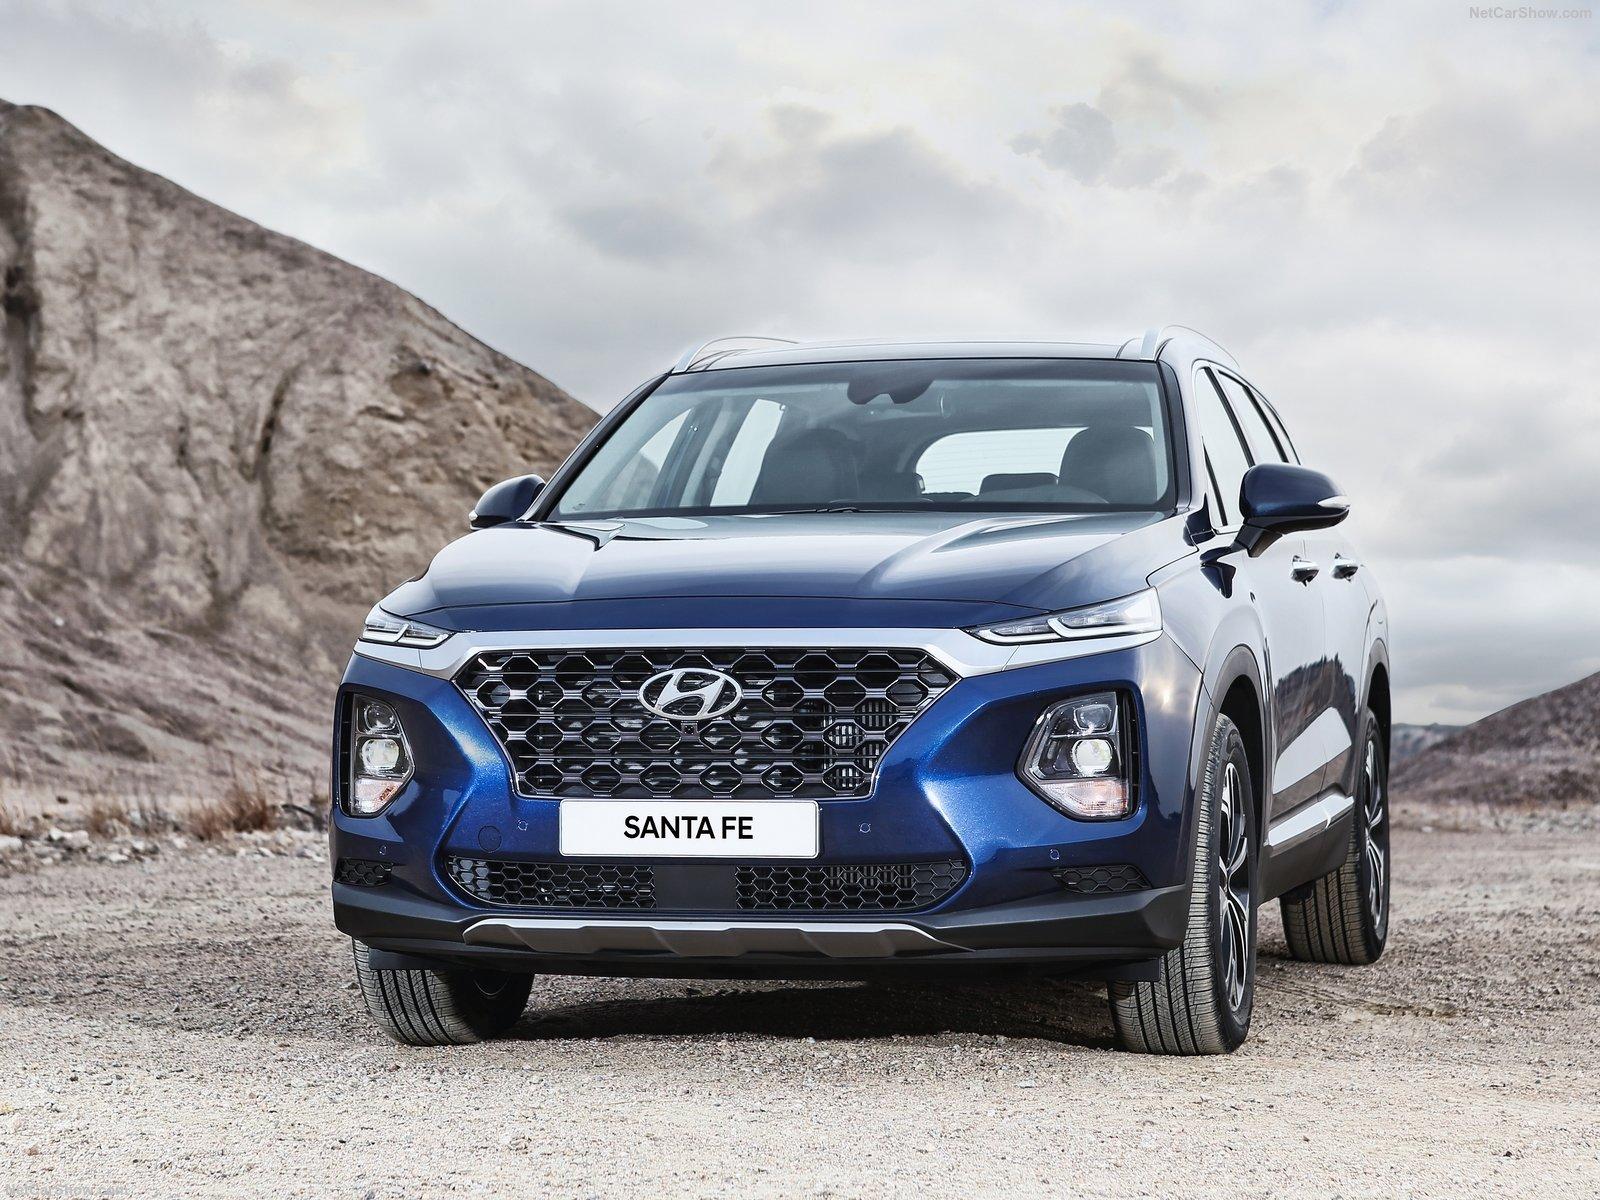 Hyundai-Santa_Fe-2019-hyundaicar-13